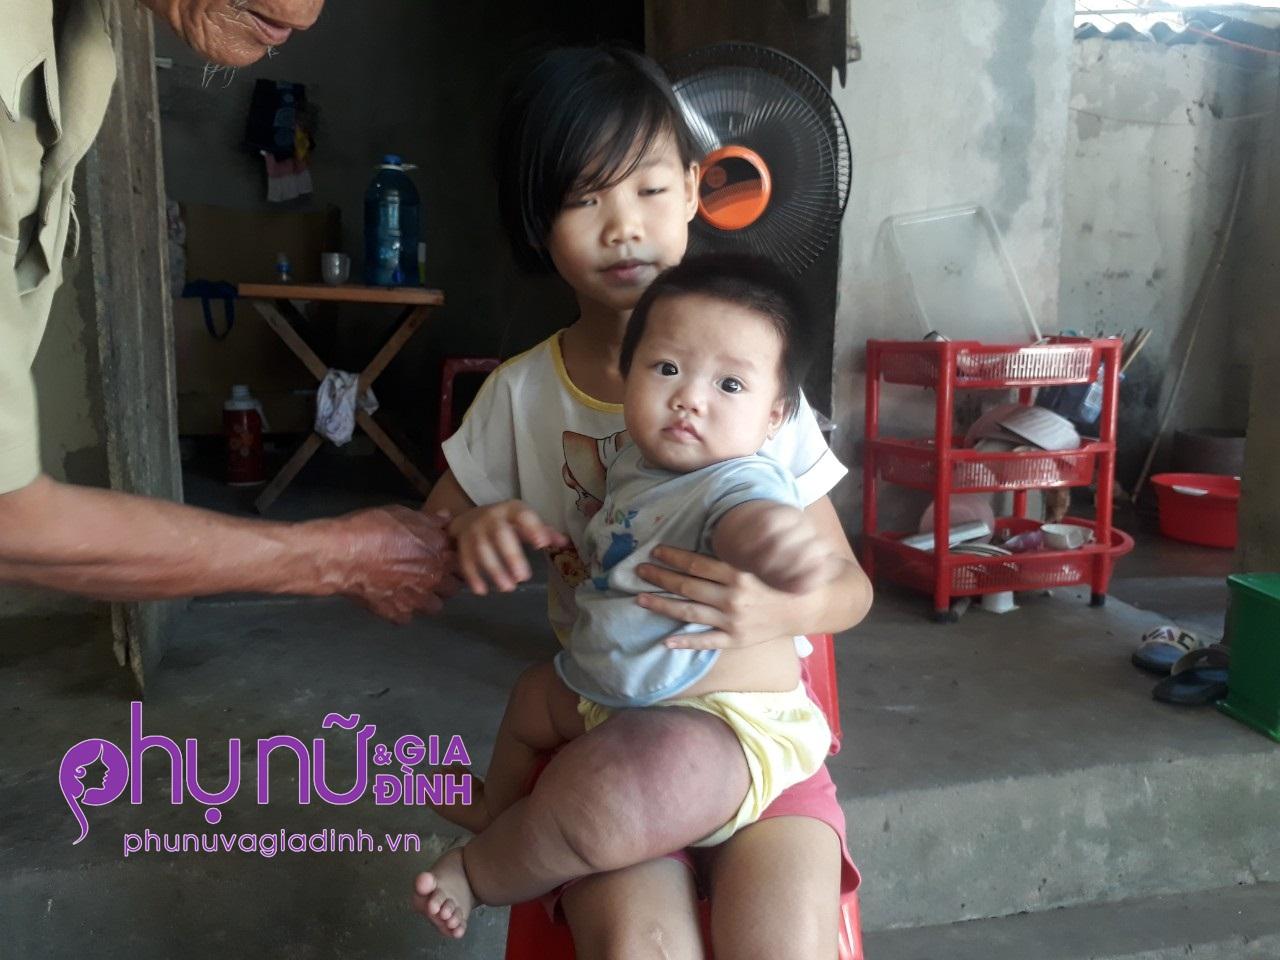 Đau đáu ánh mắt bé gái 7 tháng tuổi mang 'chân voi' đang giành giật sự sống vì căn bệnh hiếm gặp - Ảnh 5